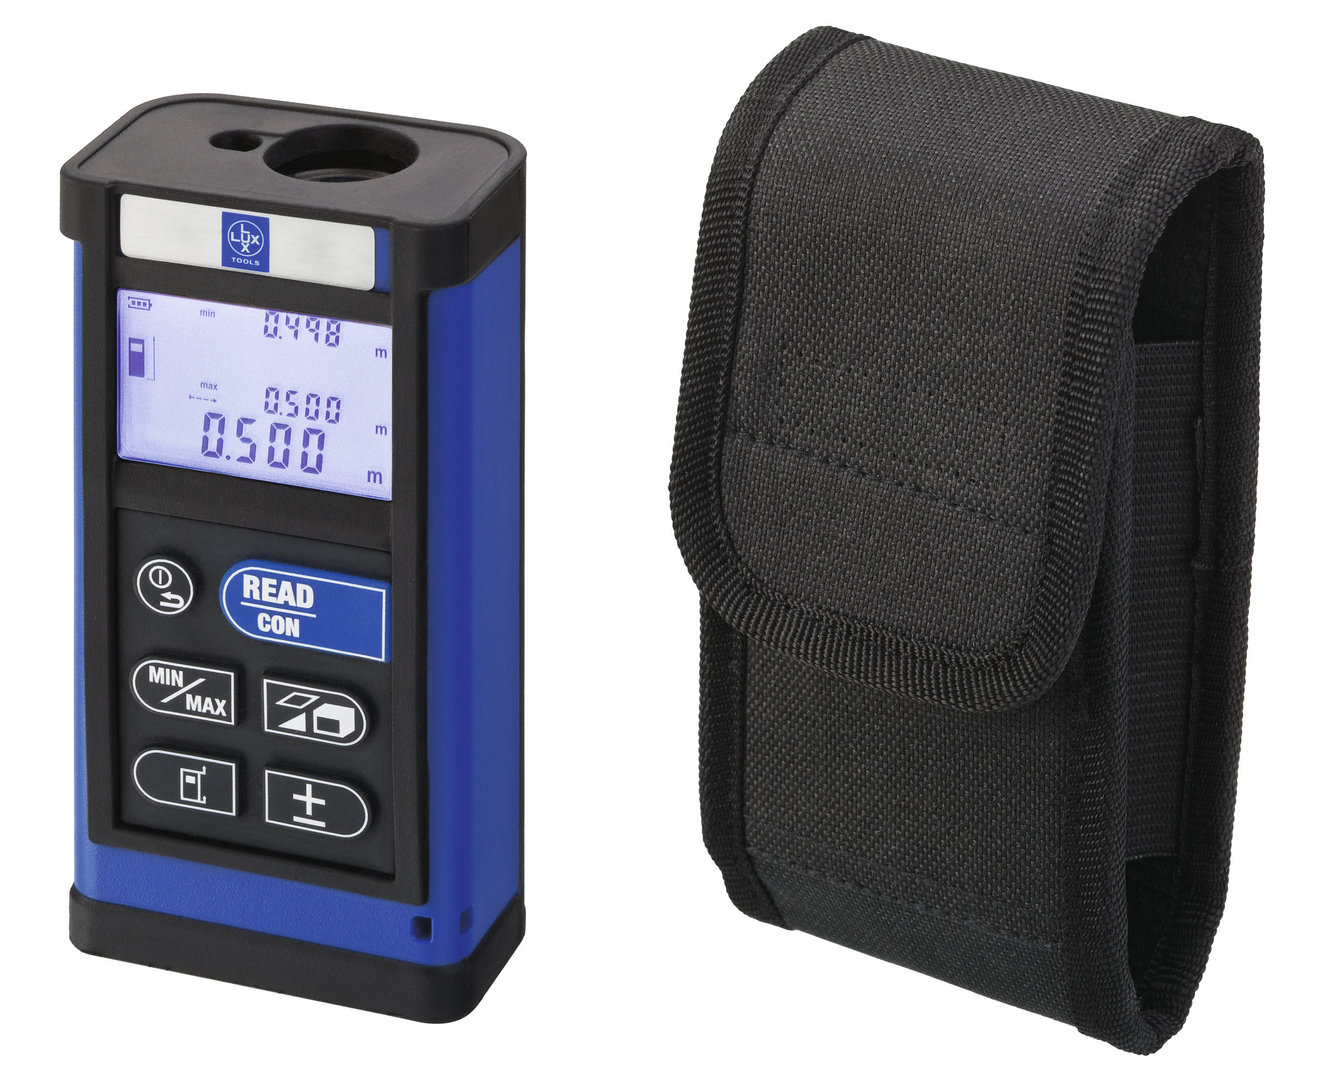 Bosch Laser Entfernungsmesser Hagebaumarkt : Bosch laser entfernungsmesser zamo obi